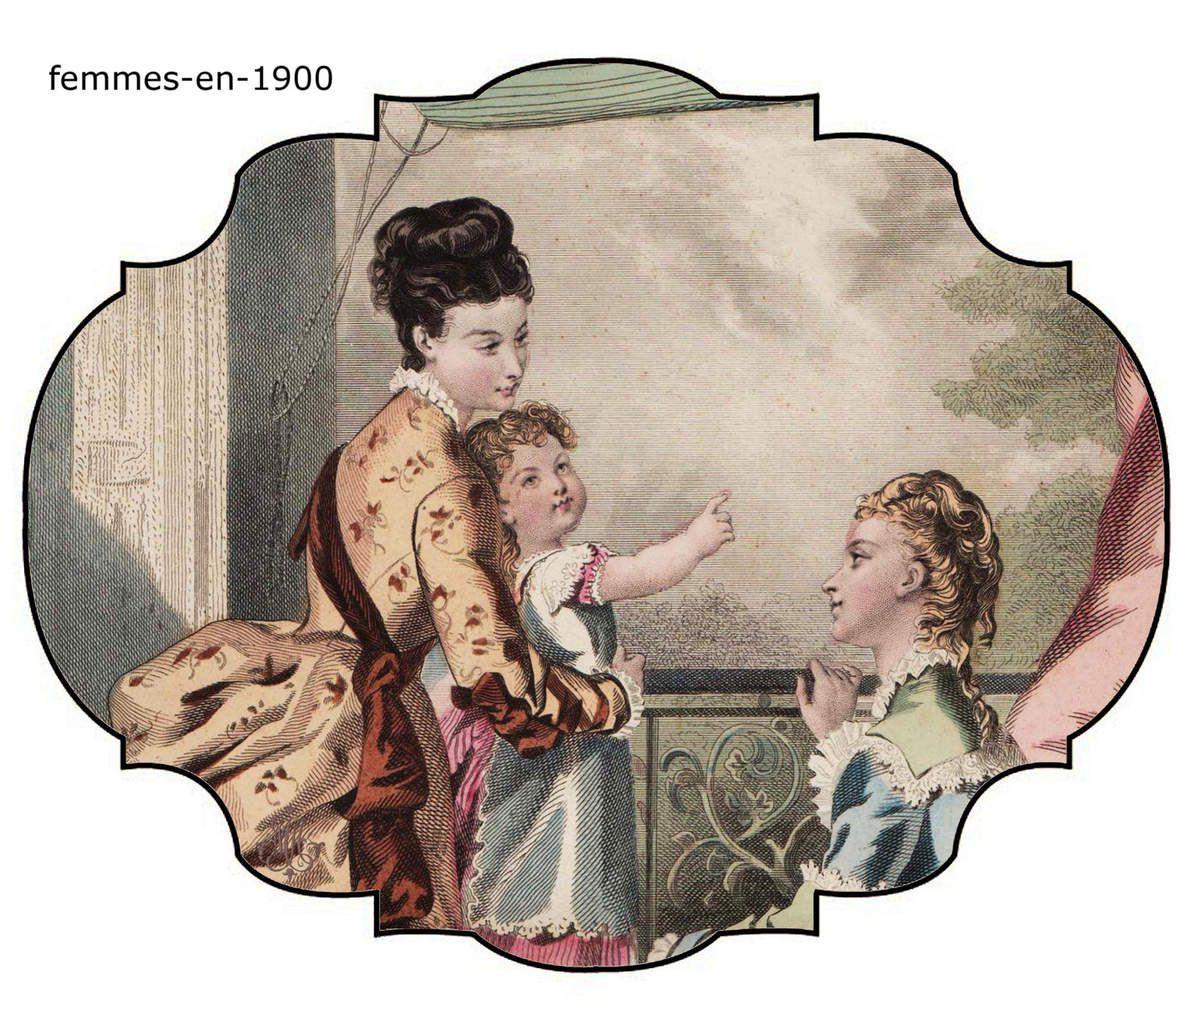 L'enfant :gravure de la mode illustrée